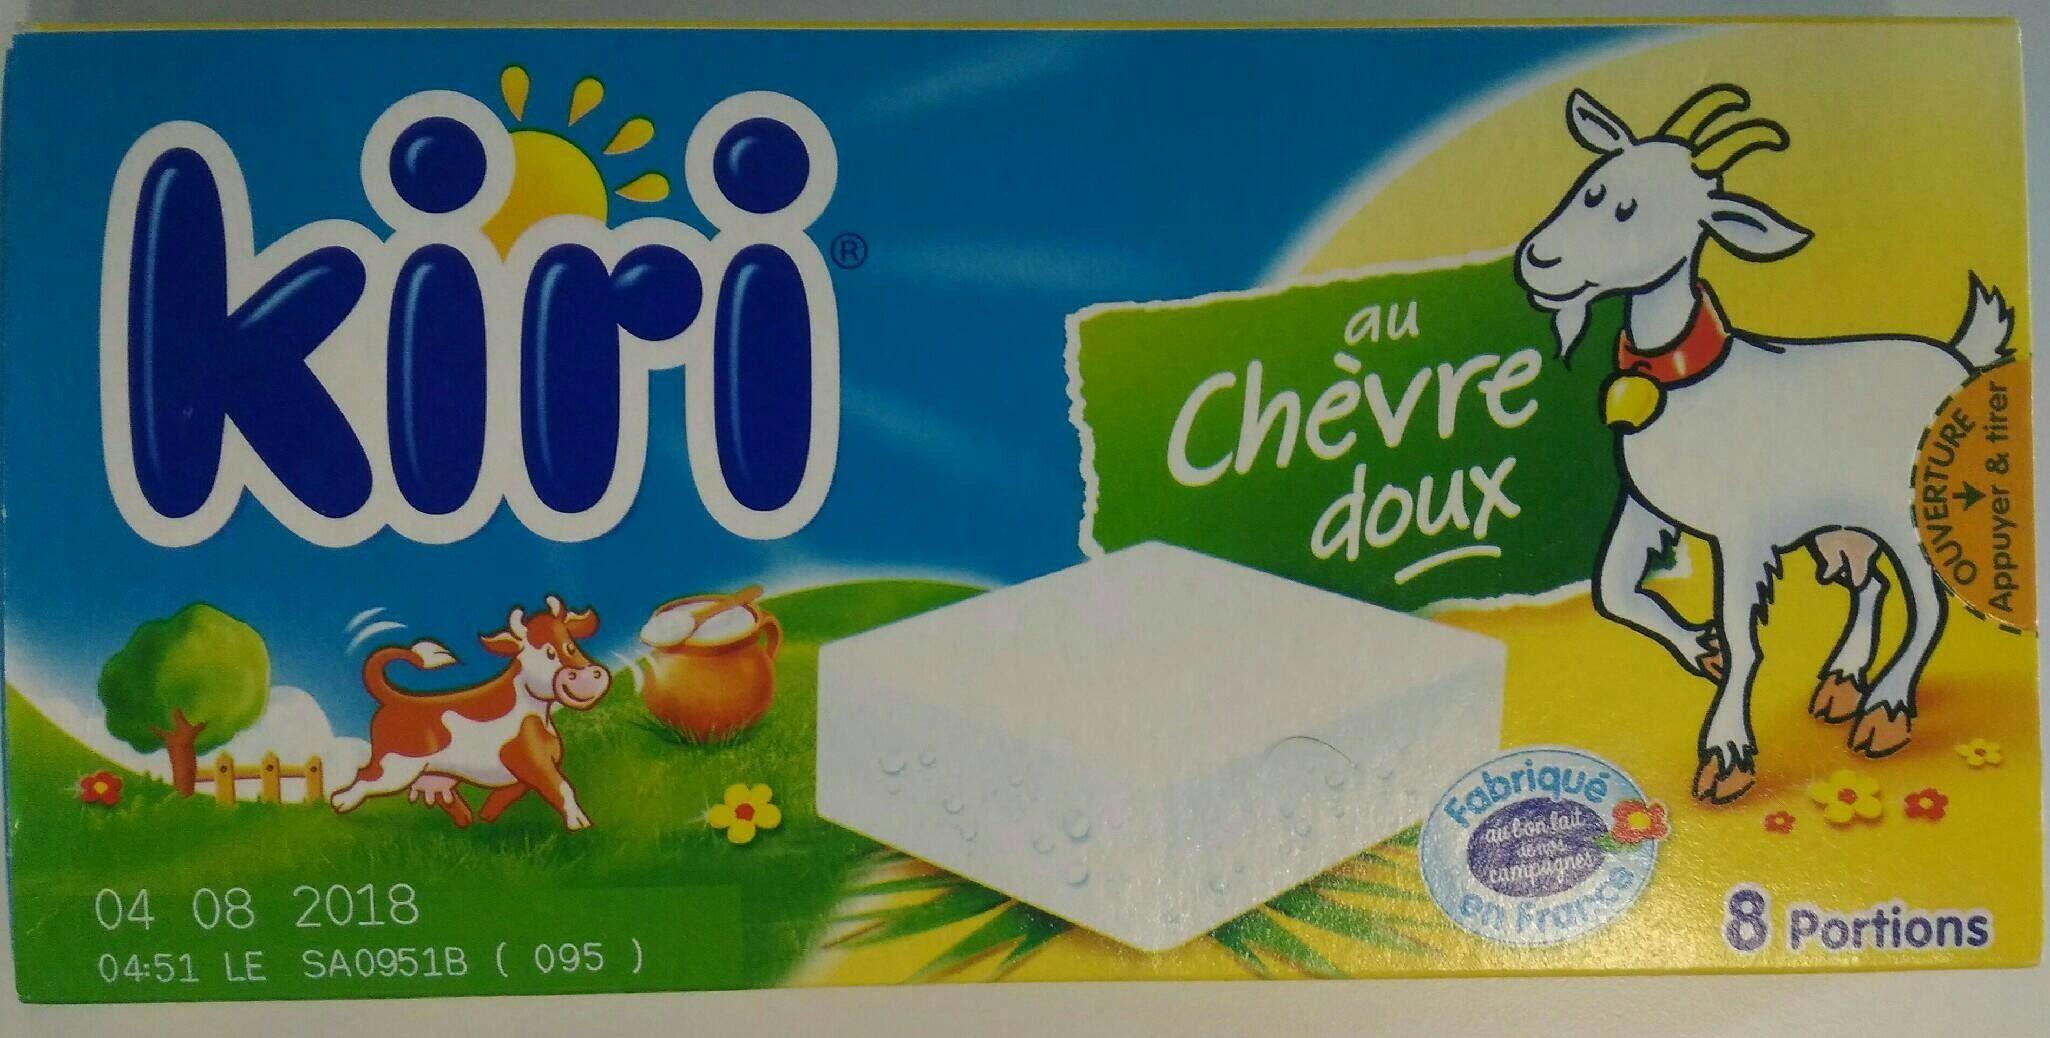 Kiri au chèvre 8 portions - Produit - fr